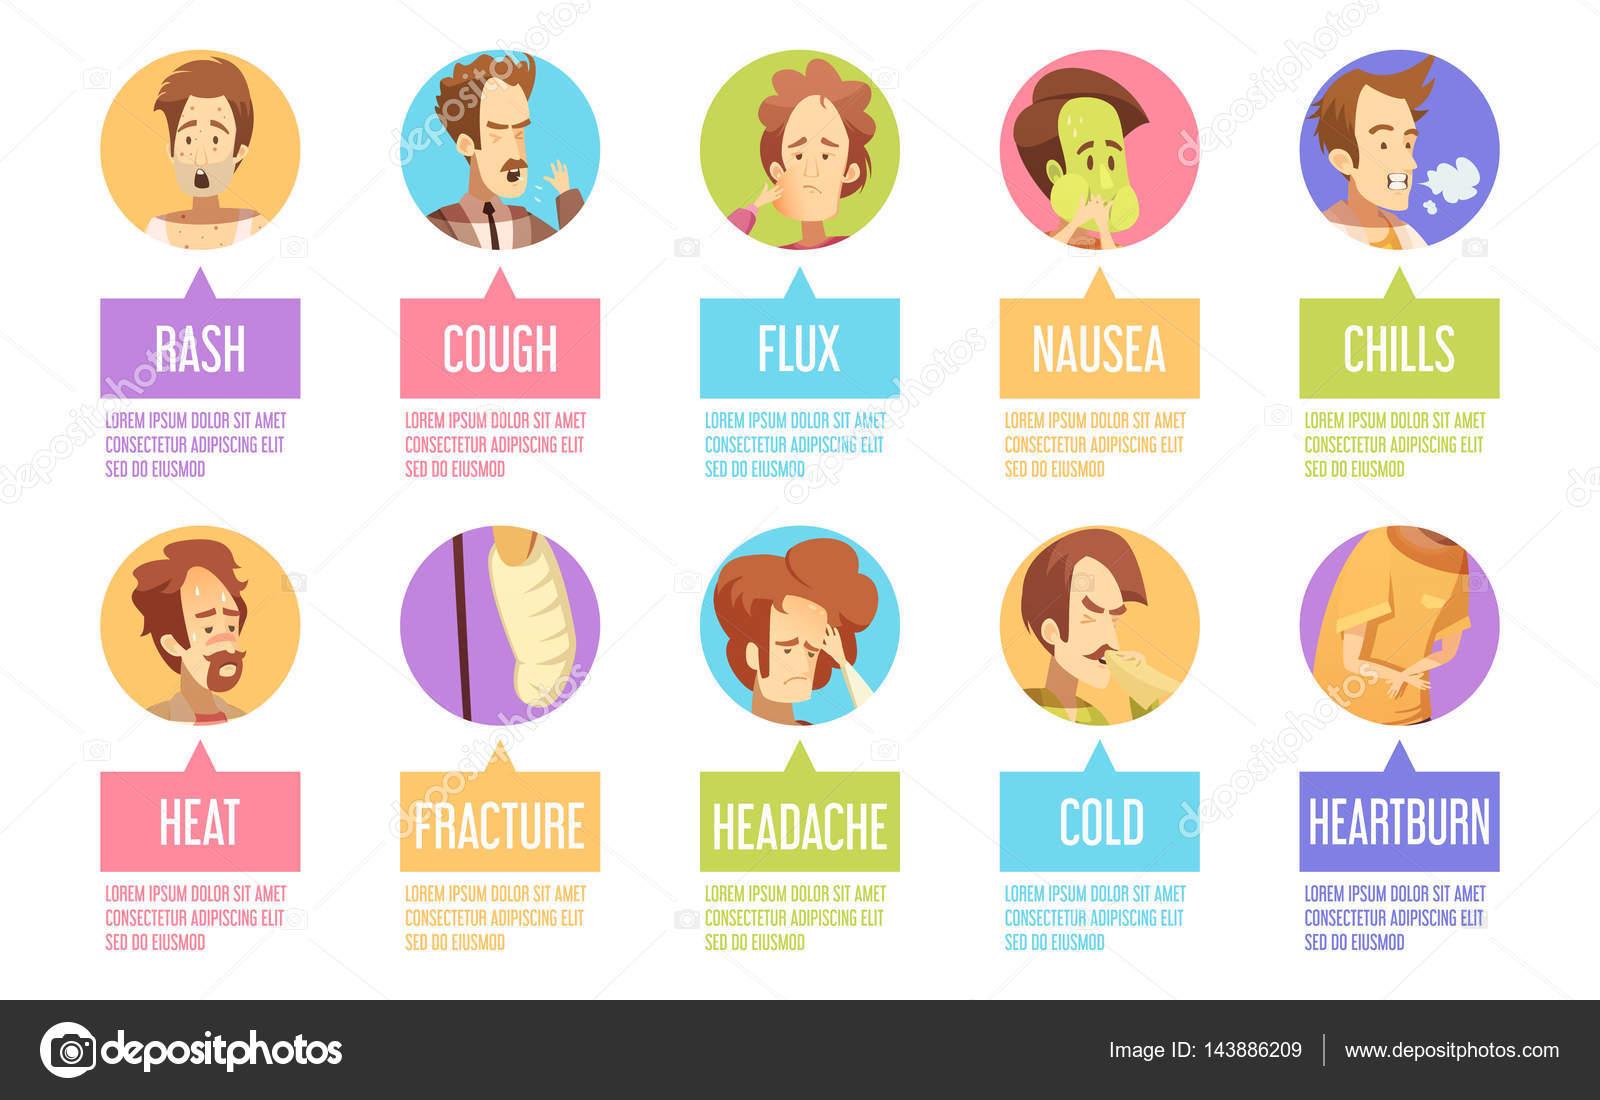 Conjunto De Iconos De Dibujos Animados Enfermedad Hombre